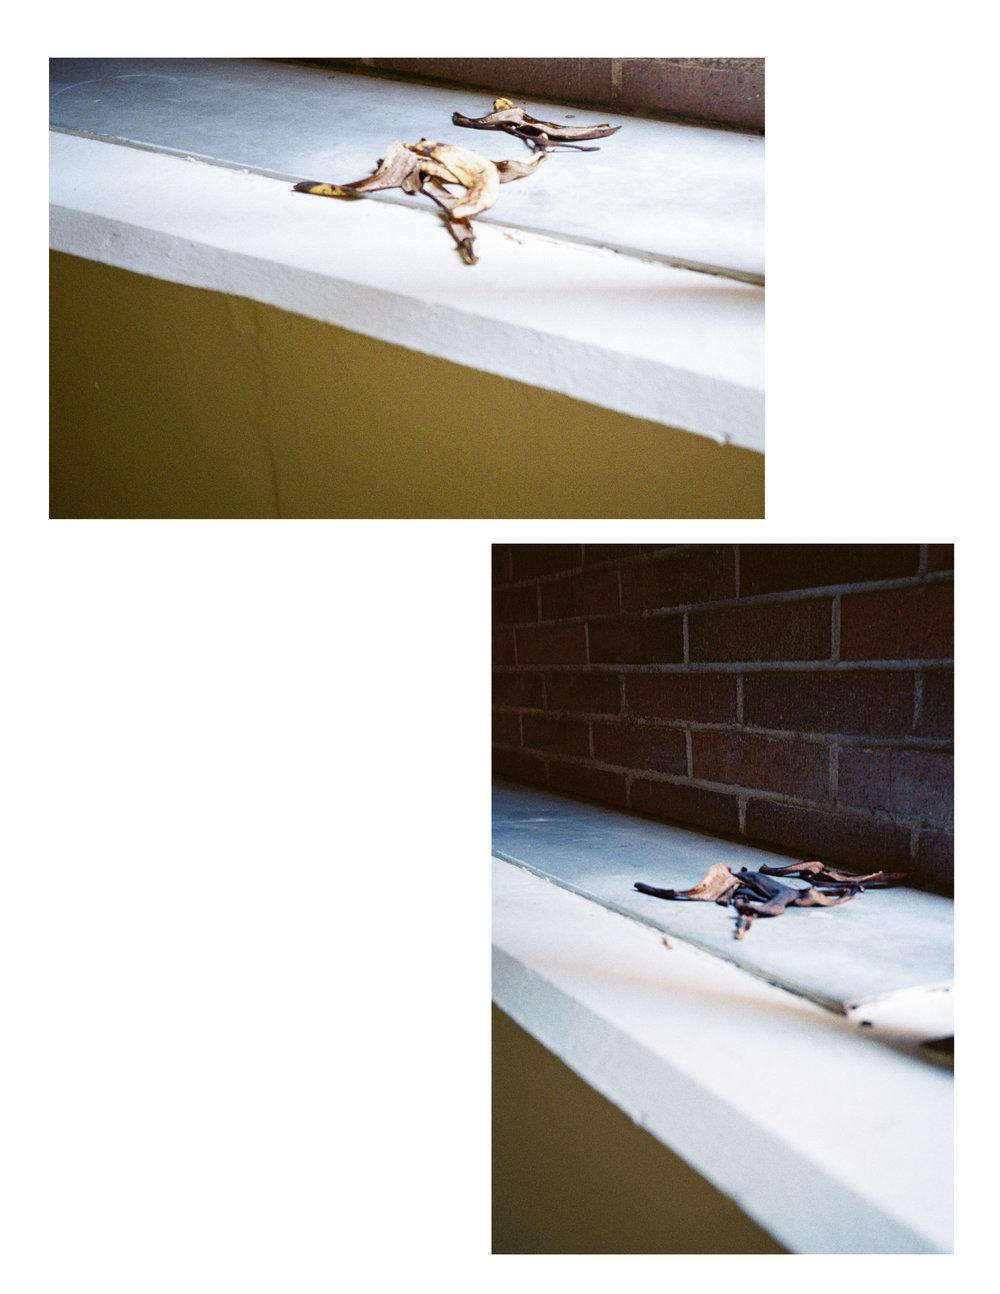 Decaying Bananas (no border).jpg